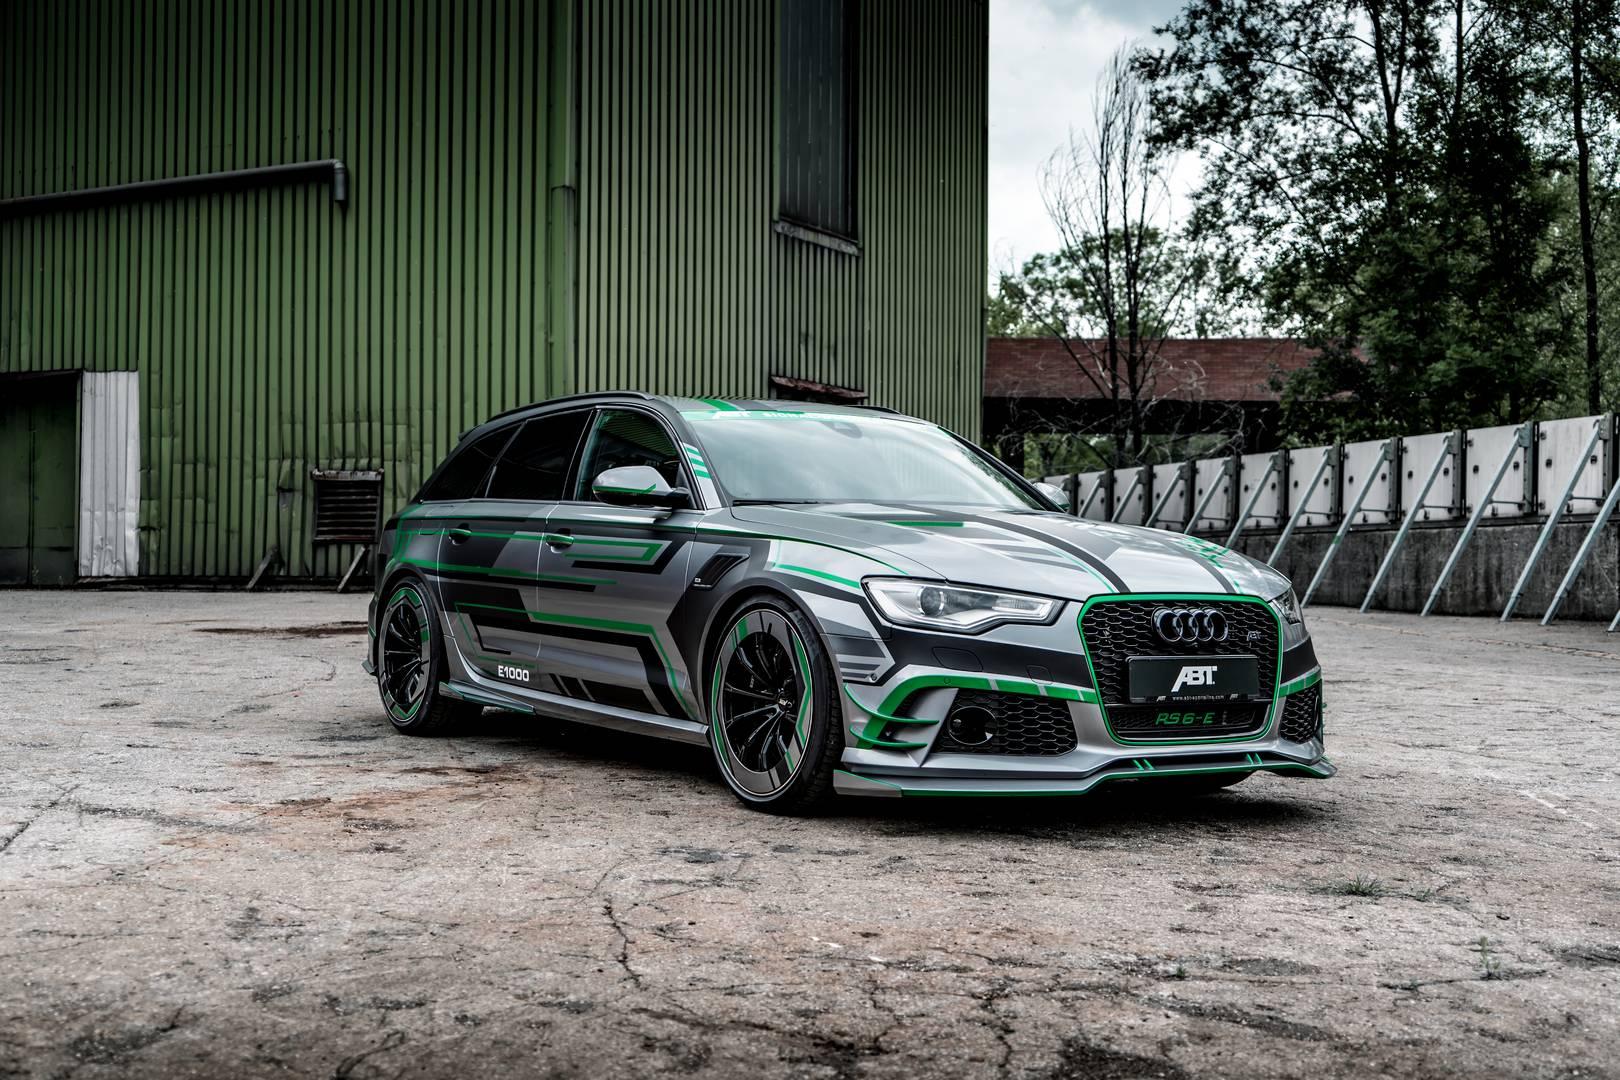 Разумеется, комплексный аэродинамический пакет, предлагаемый тюнером для обычного Audi RS6, также здесь присутствует – он включает передний сплиттер, накладки на пороги, крышки зеркал, расширители крыльев, задний спойлер и другое. Пружины подвески H&